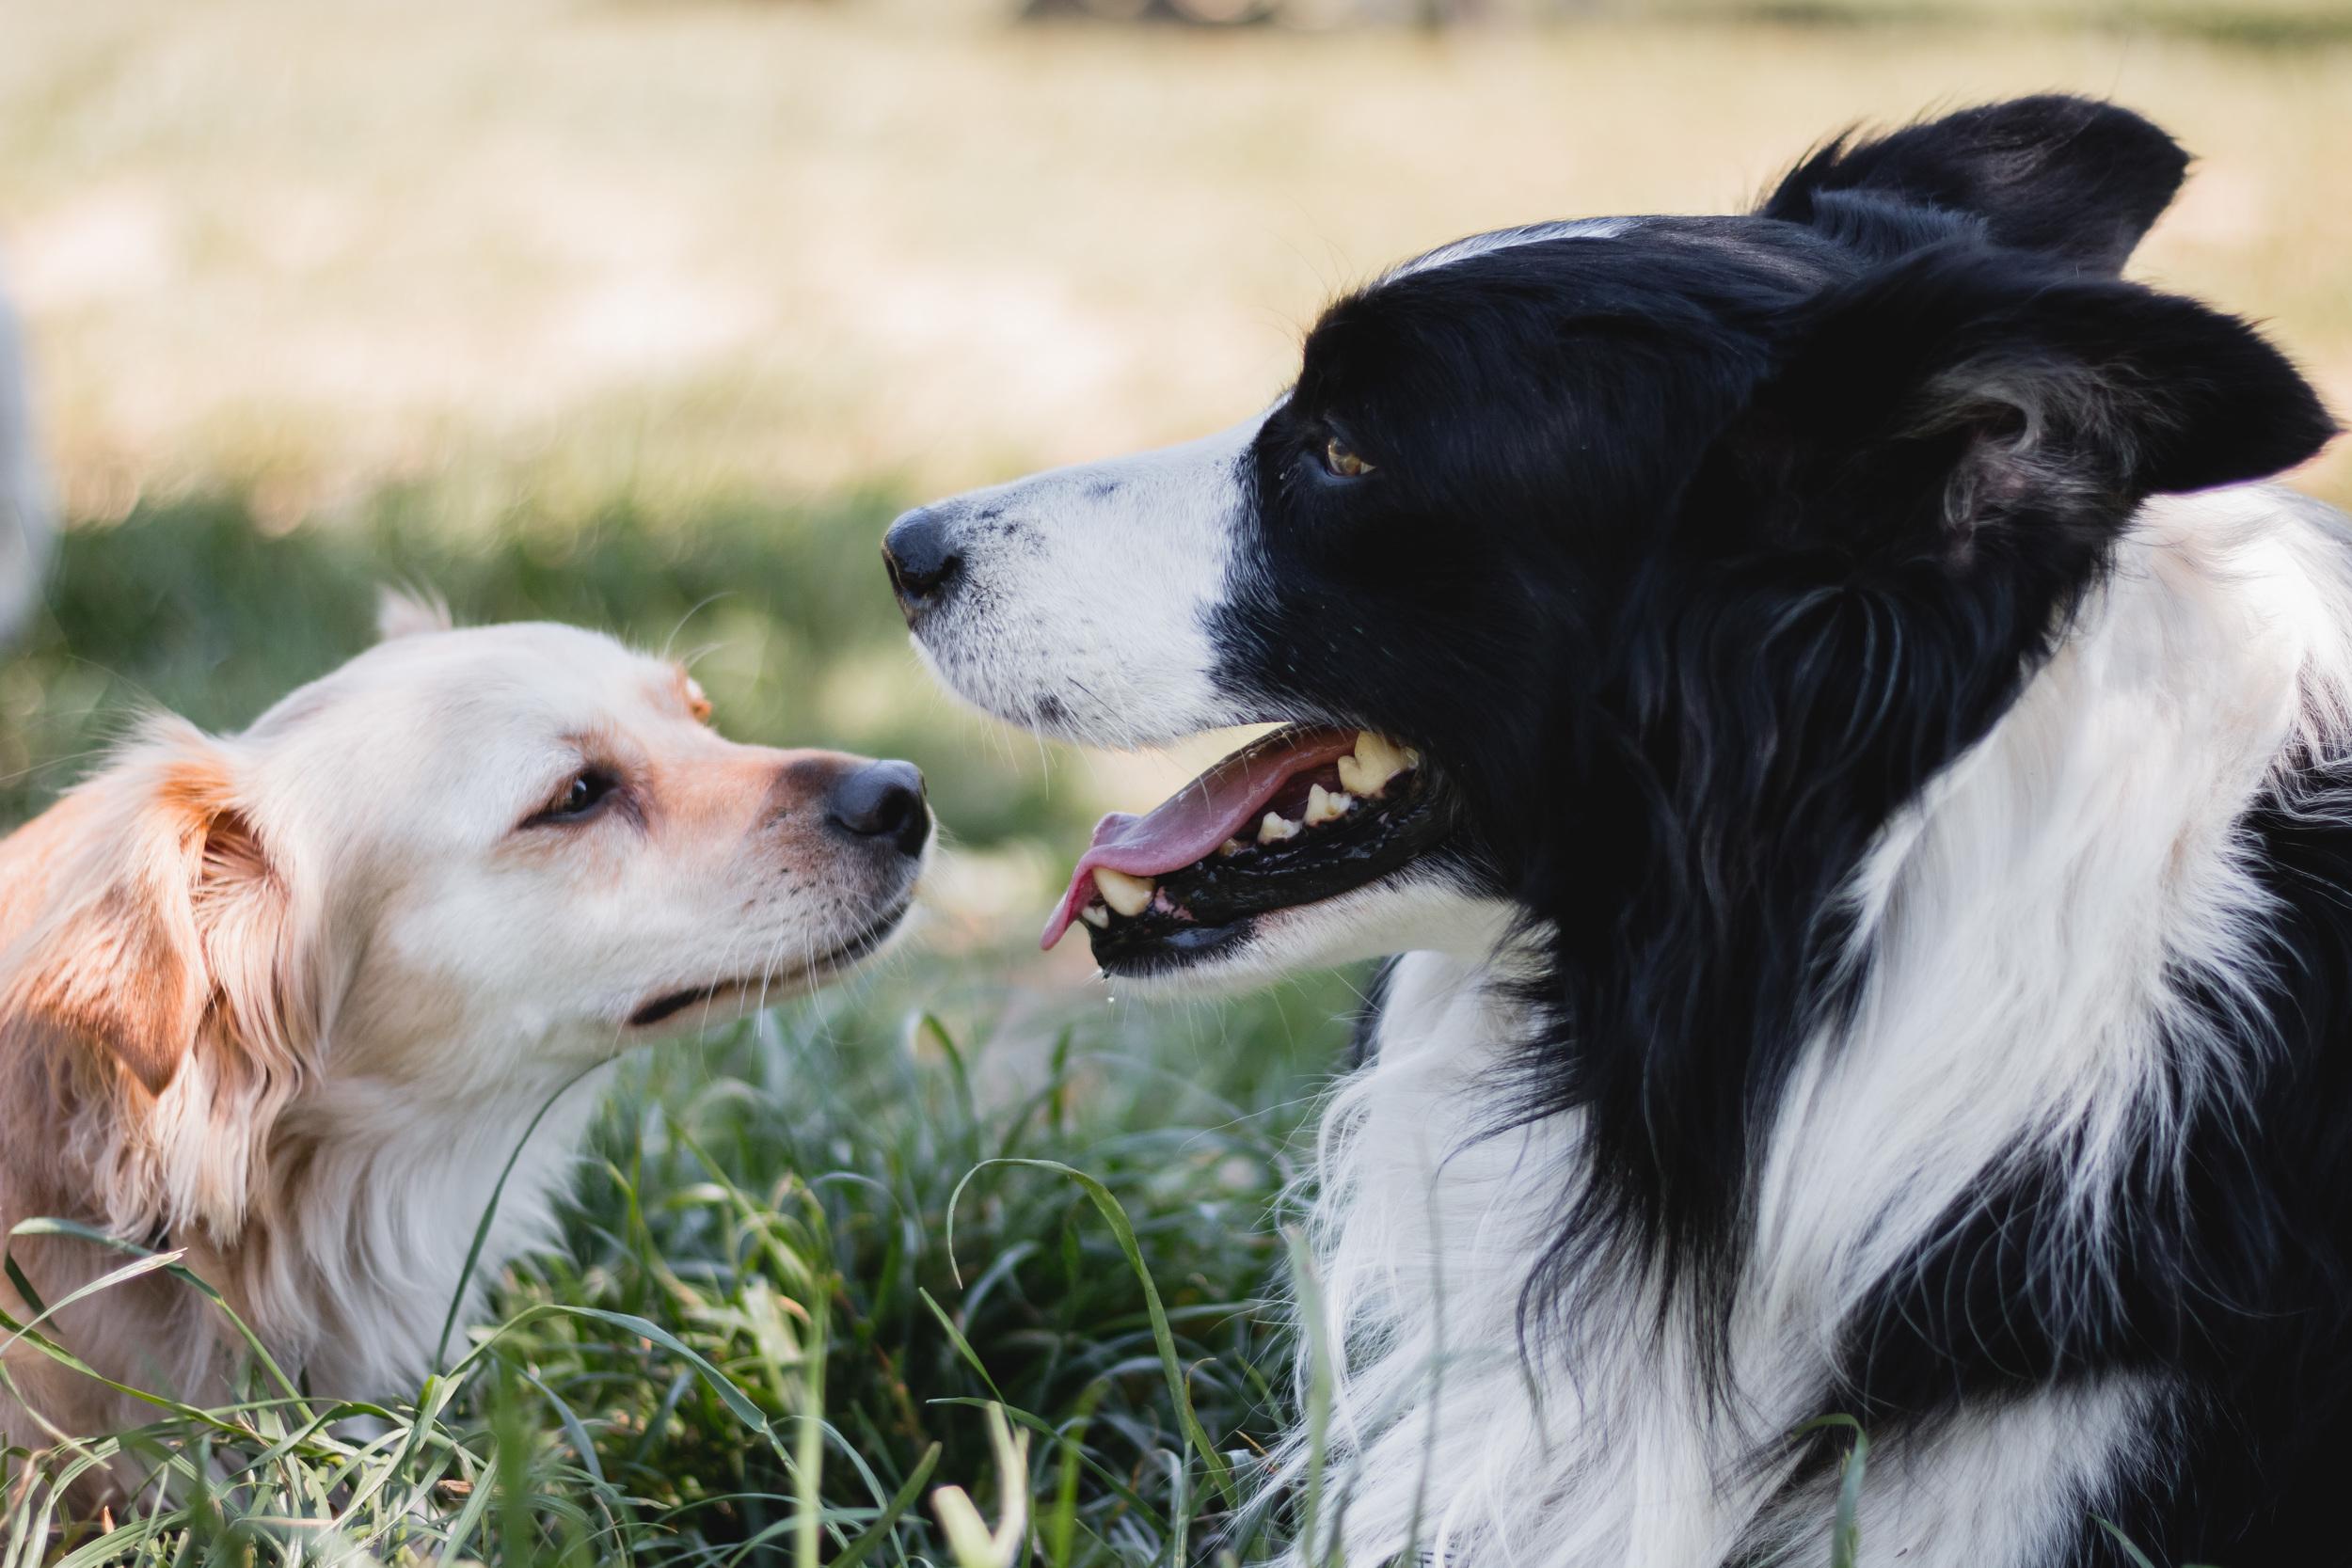 Cani ritratti cane border collie parco torino fotografo laura griffiths fotografia